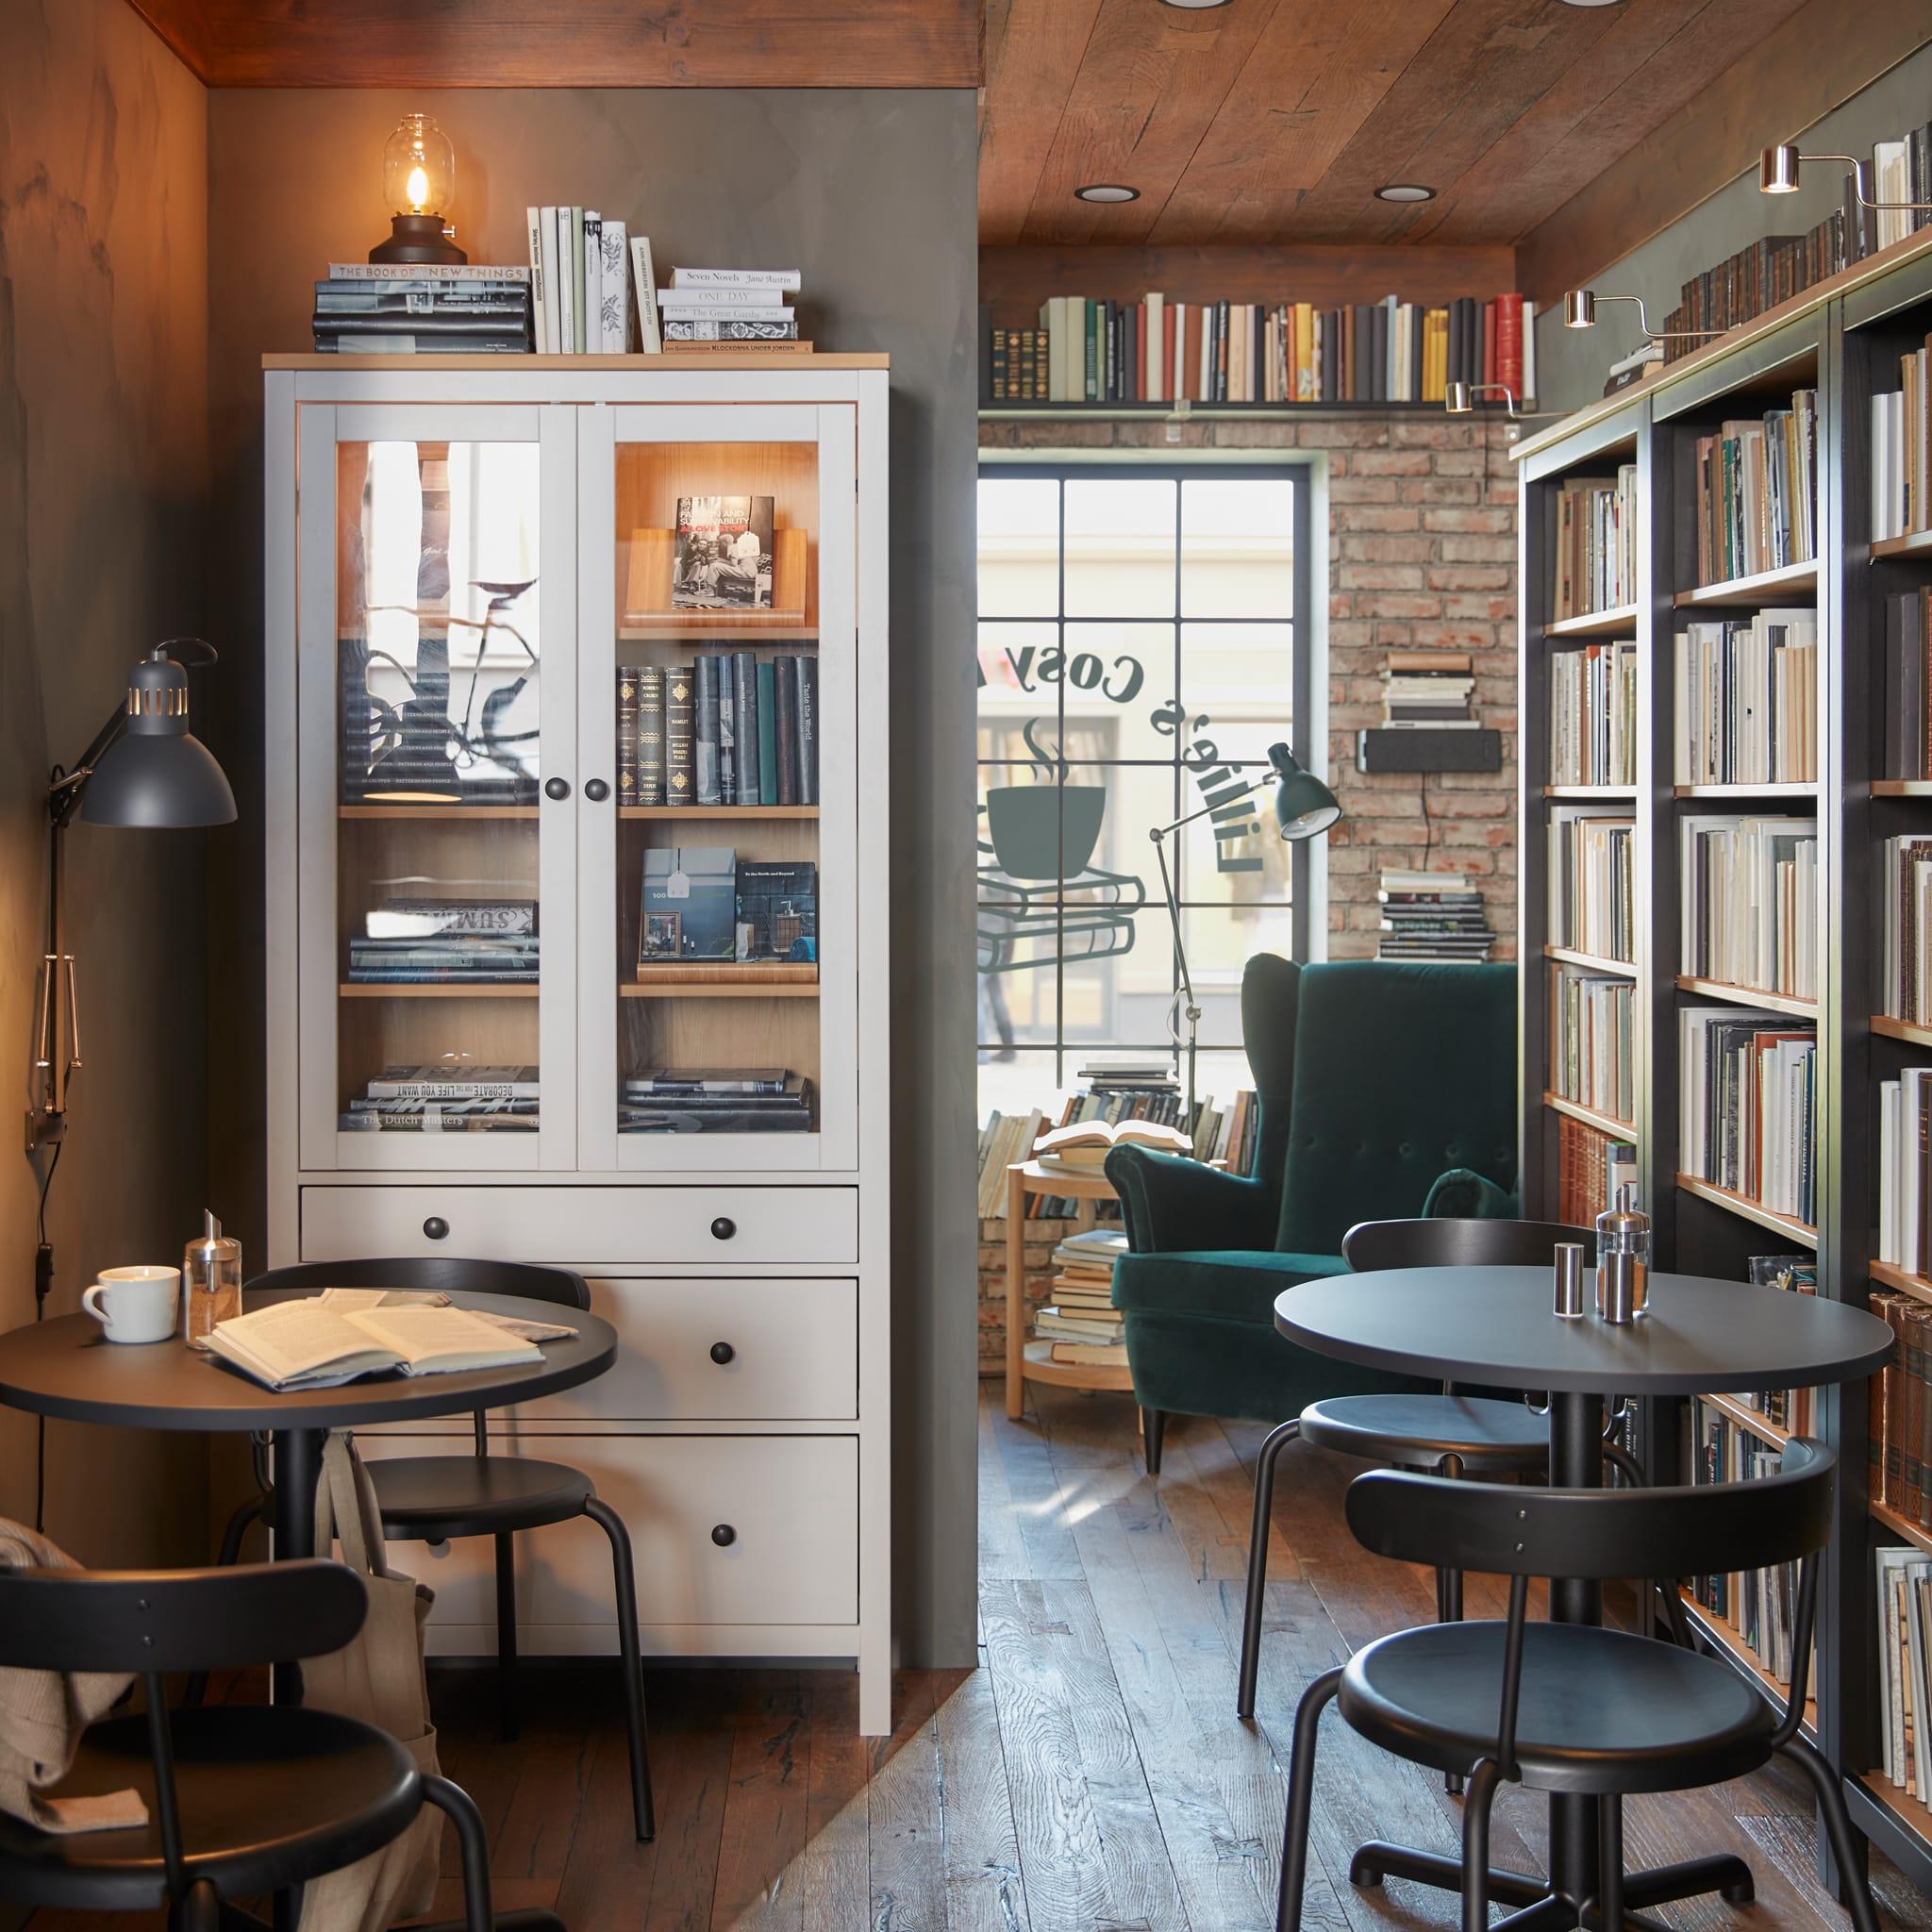 Kafe dengan toko buku